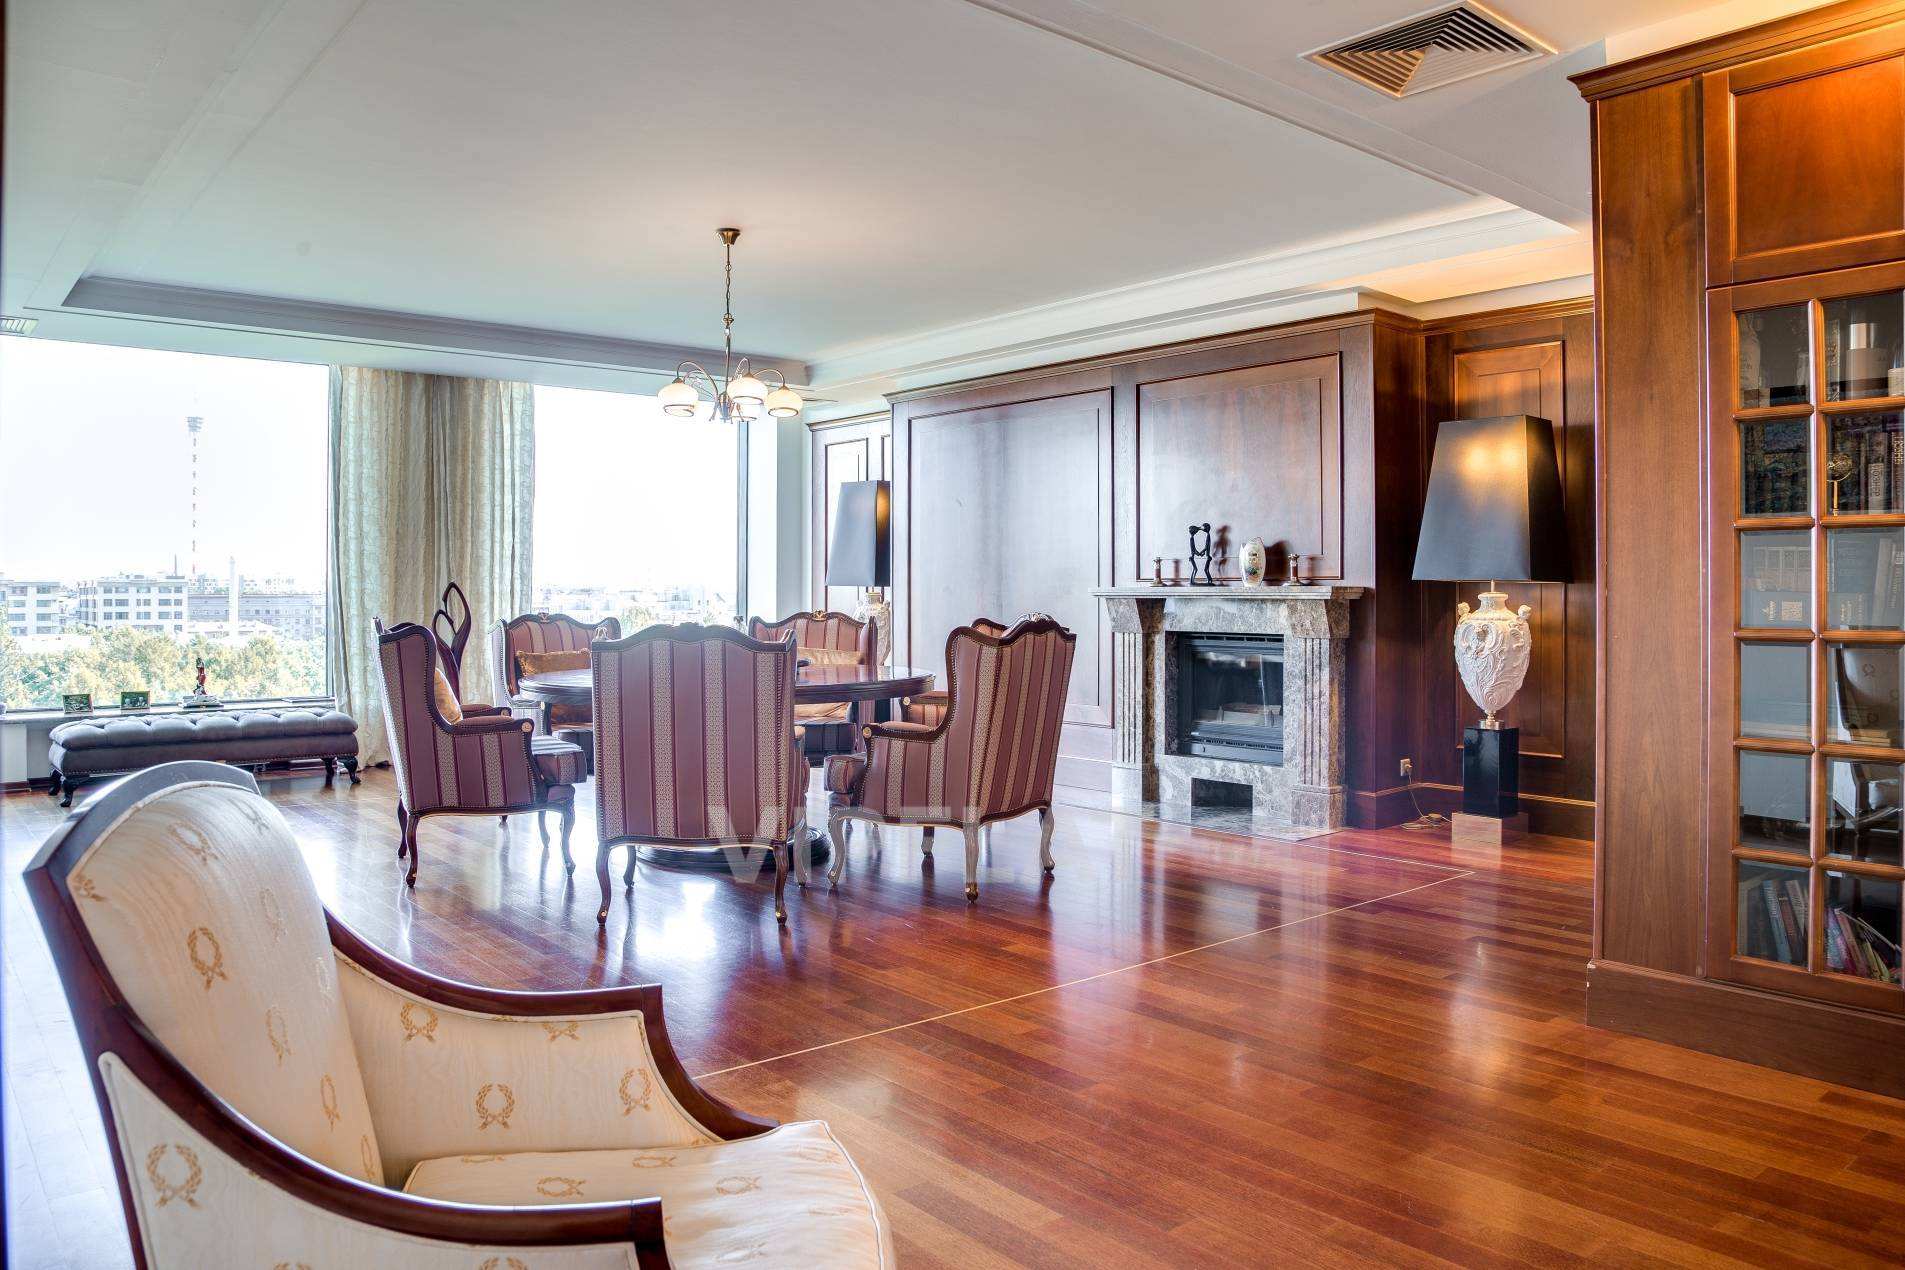 Продажа элитных квартир Санкт-Петербурга. Песочная наб., 12 Светлая гостиная